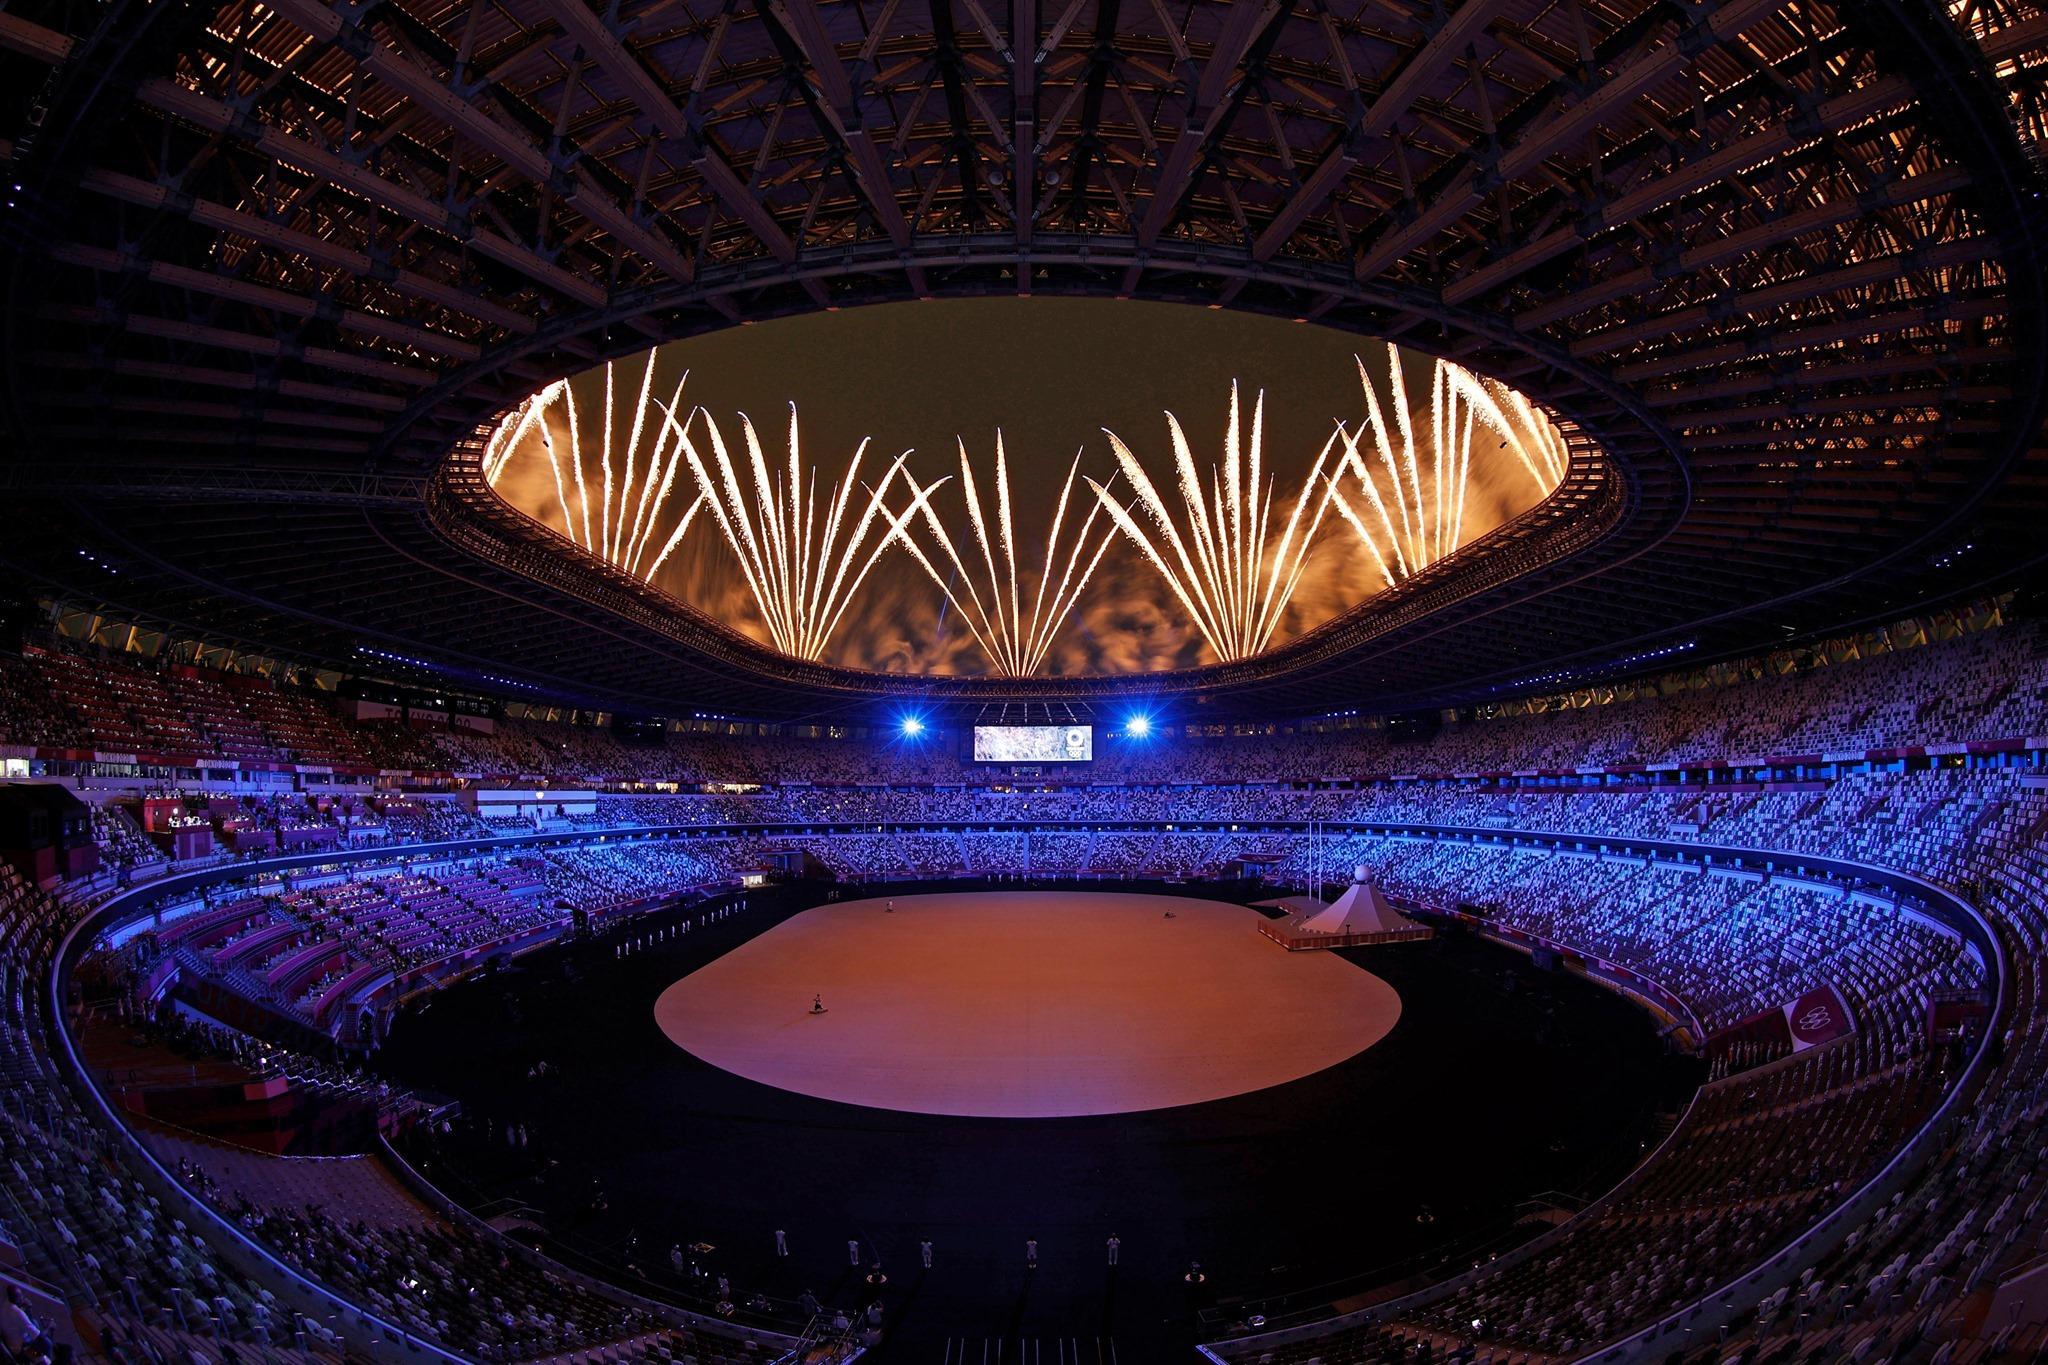 Olimpíadas tokyo tóquio japão estádio kengo kuma zaha hadid